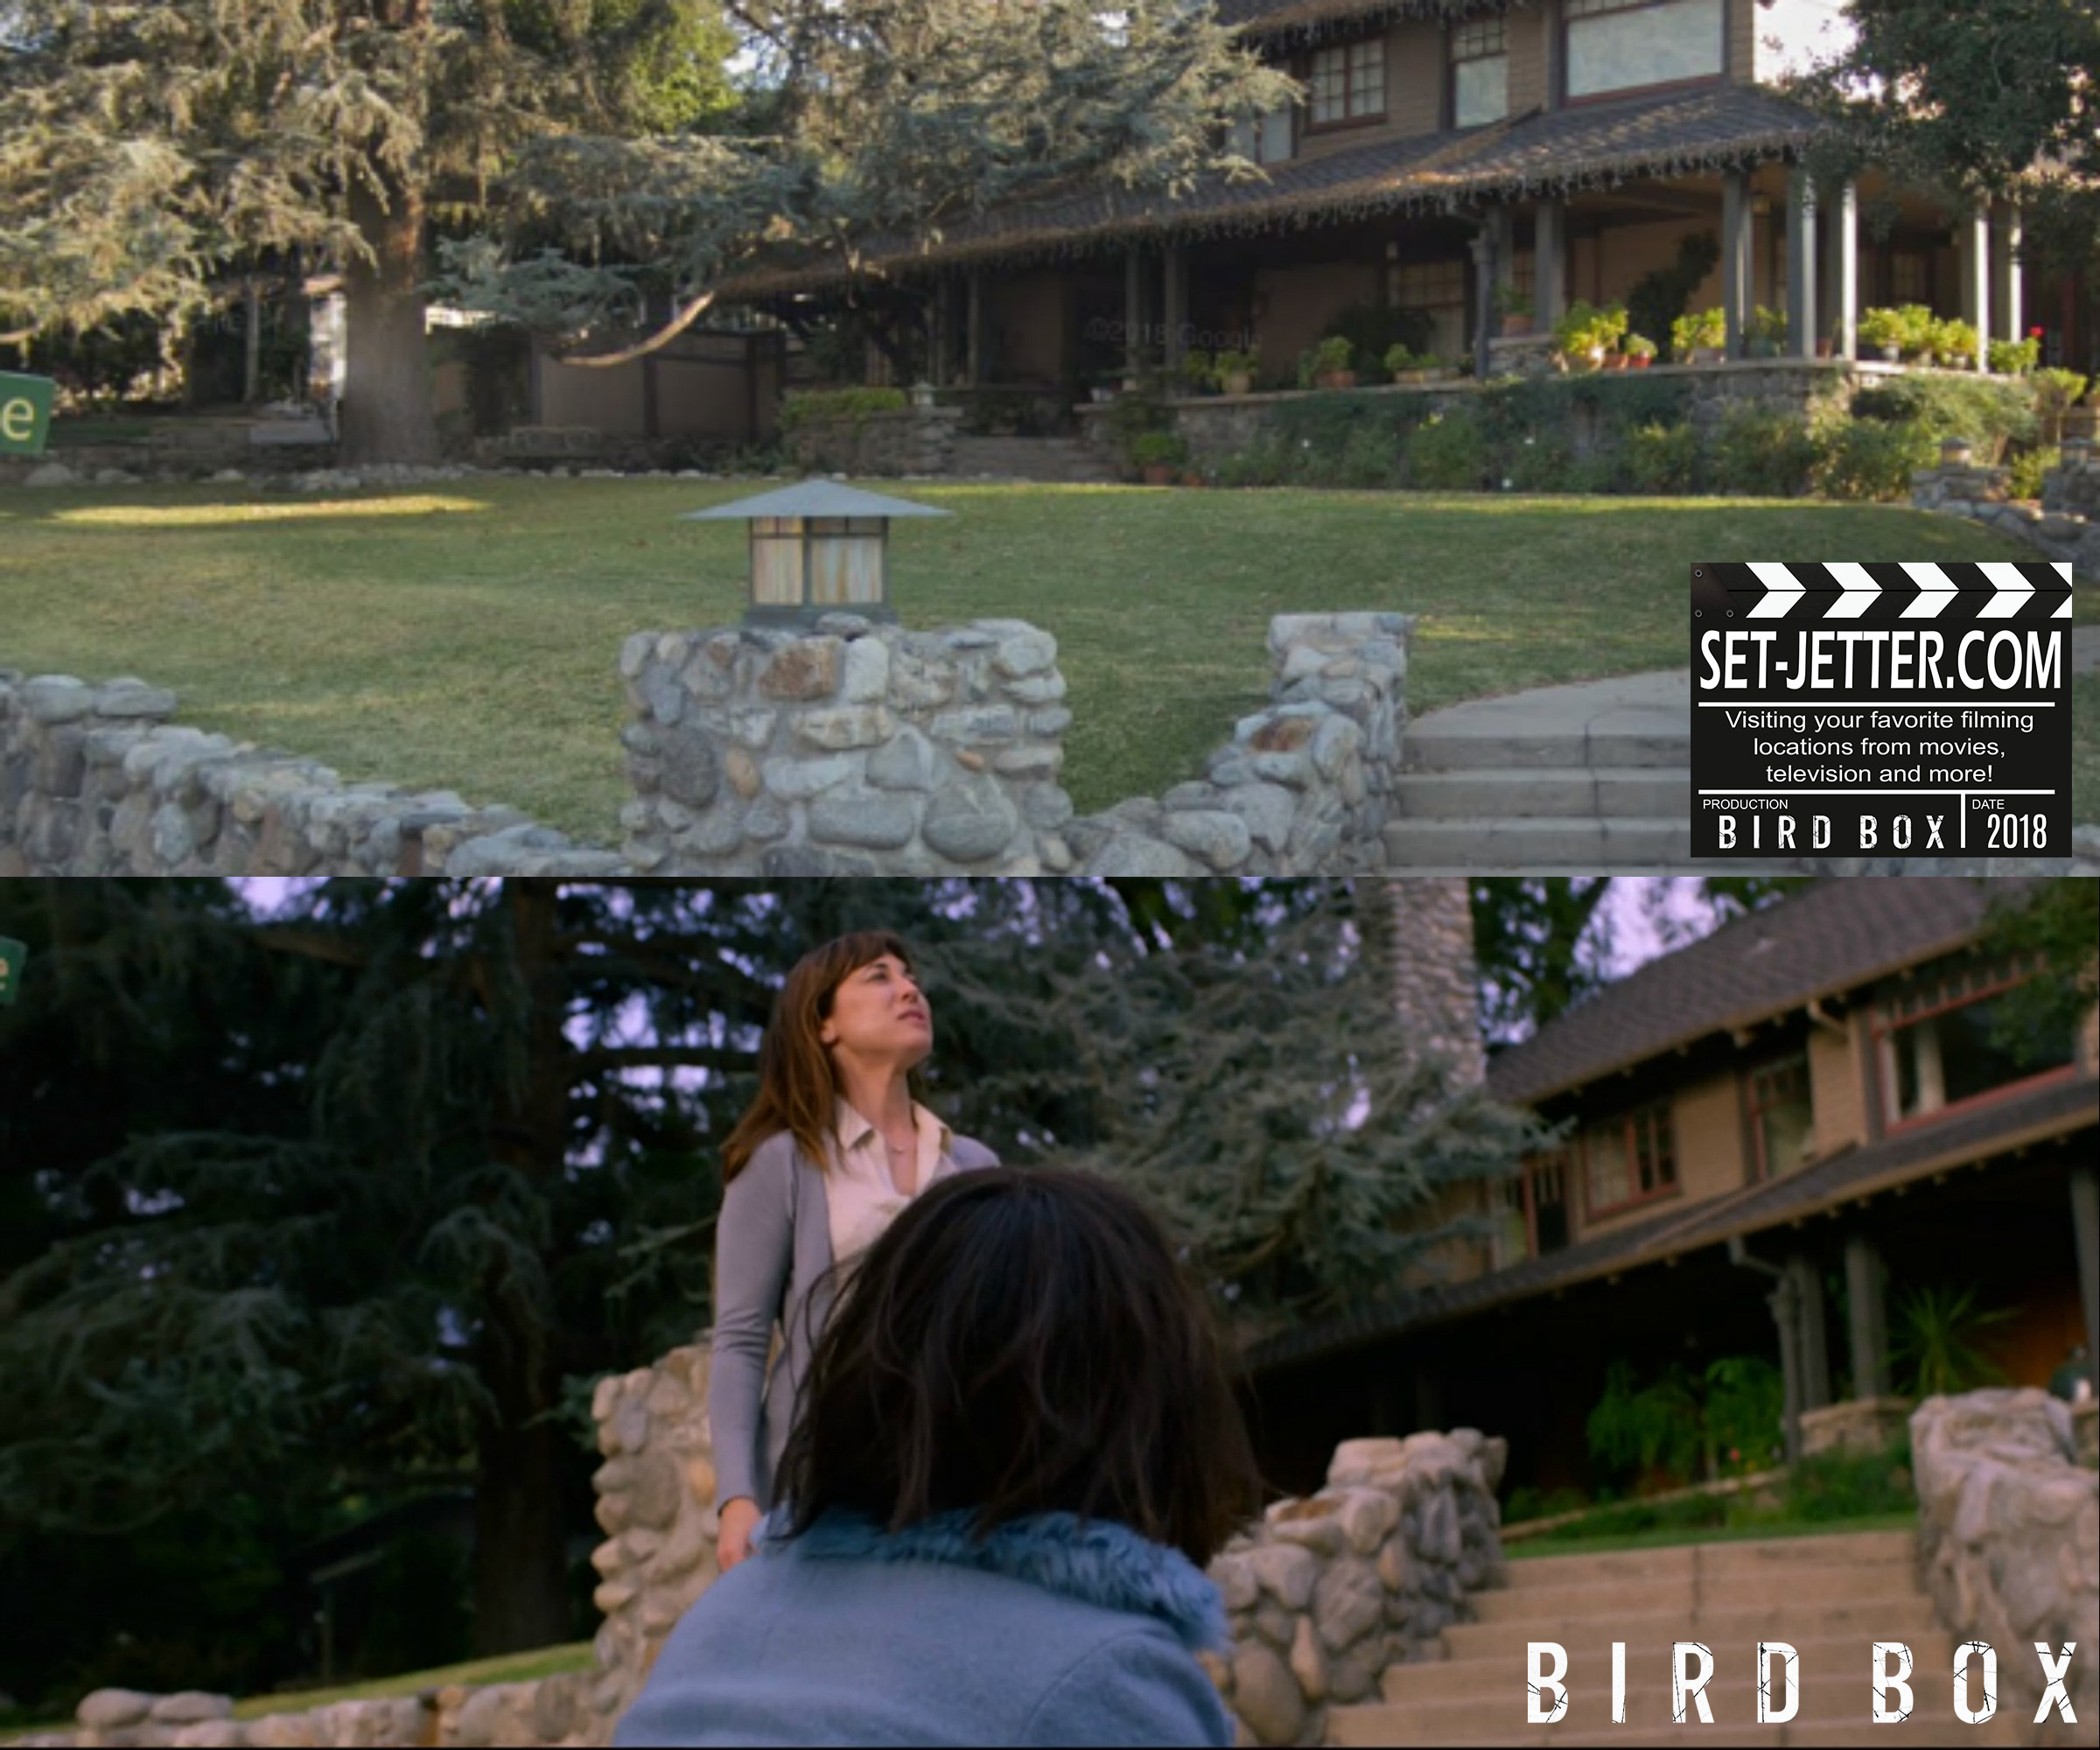 Bird Box Monrovia 09.jpg